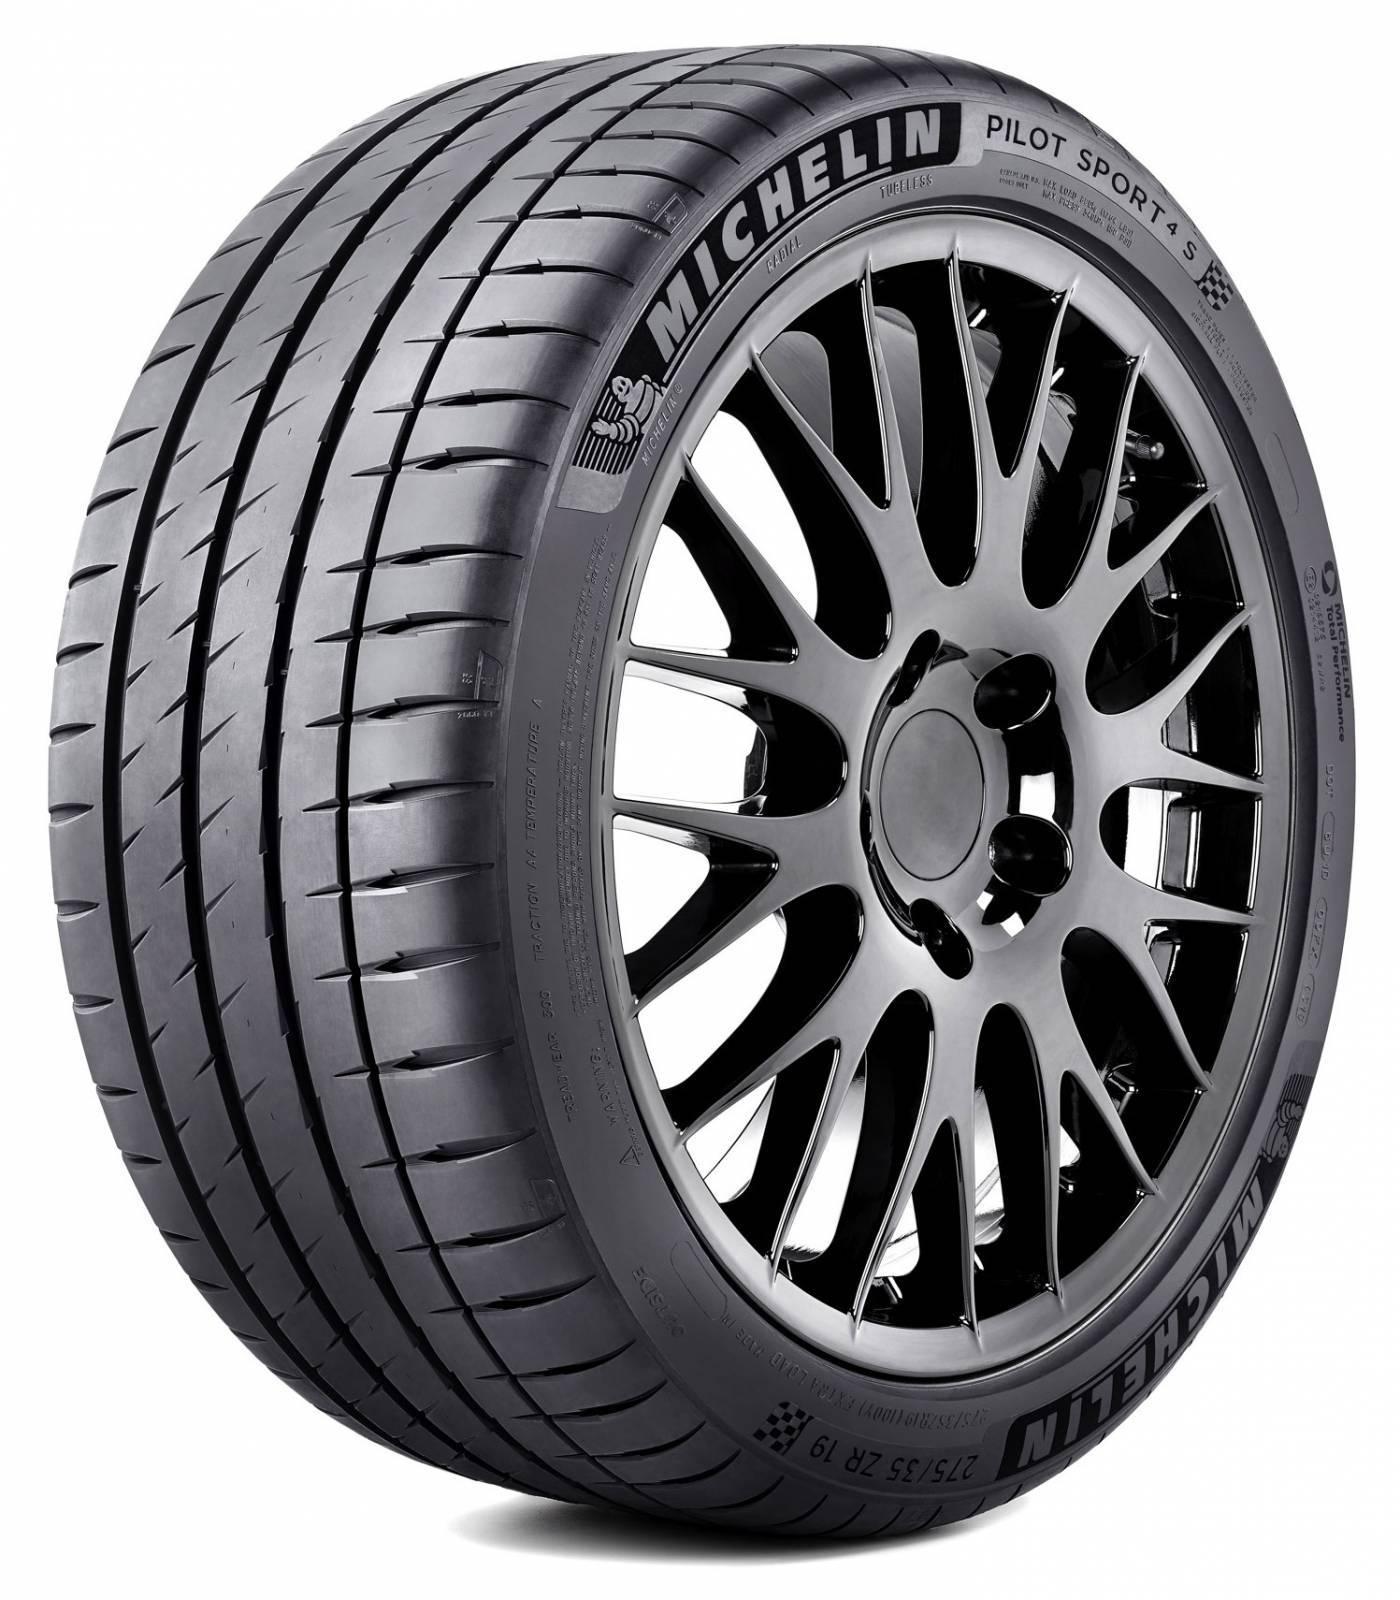 Pneu Michelin Pilot Sport 4 S 255/35 R19 96Y - ATS Pneus